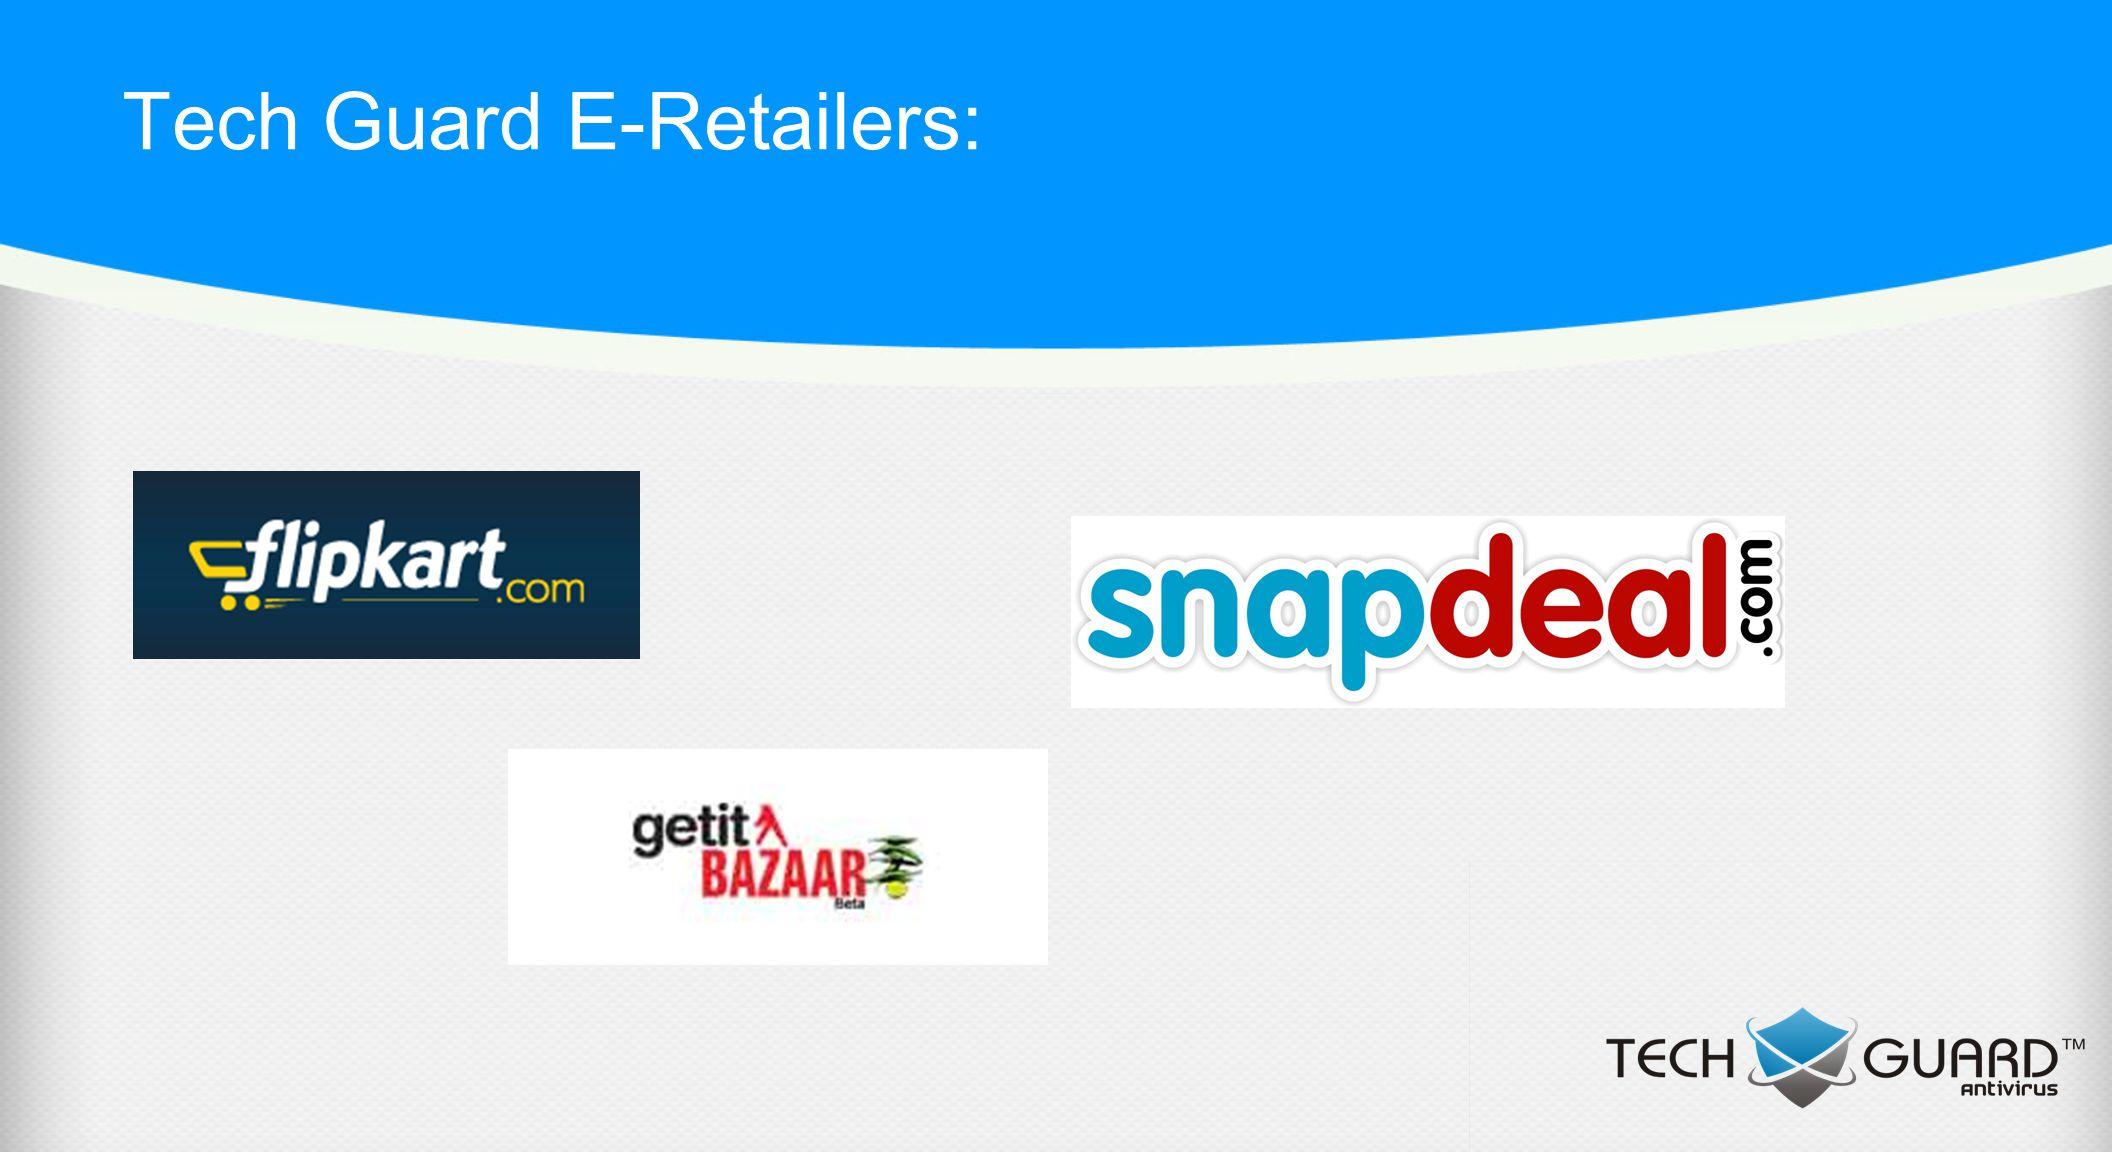 Tech Guard E-Retailers: